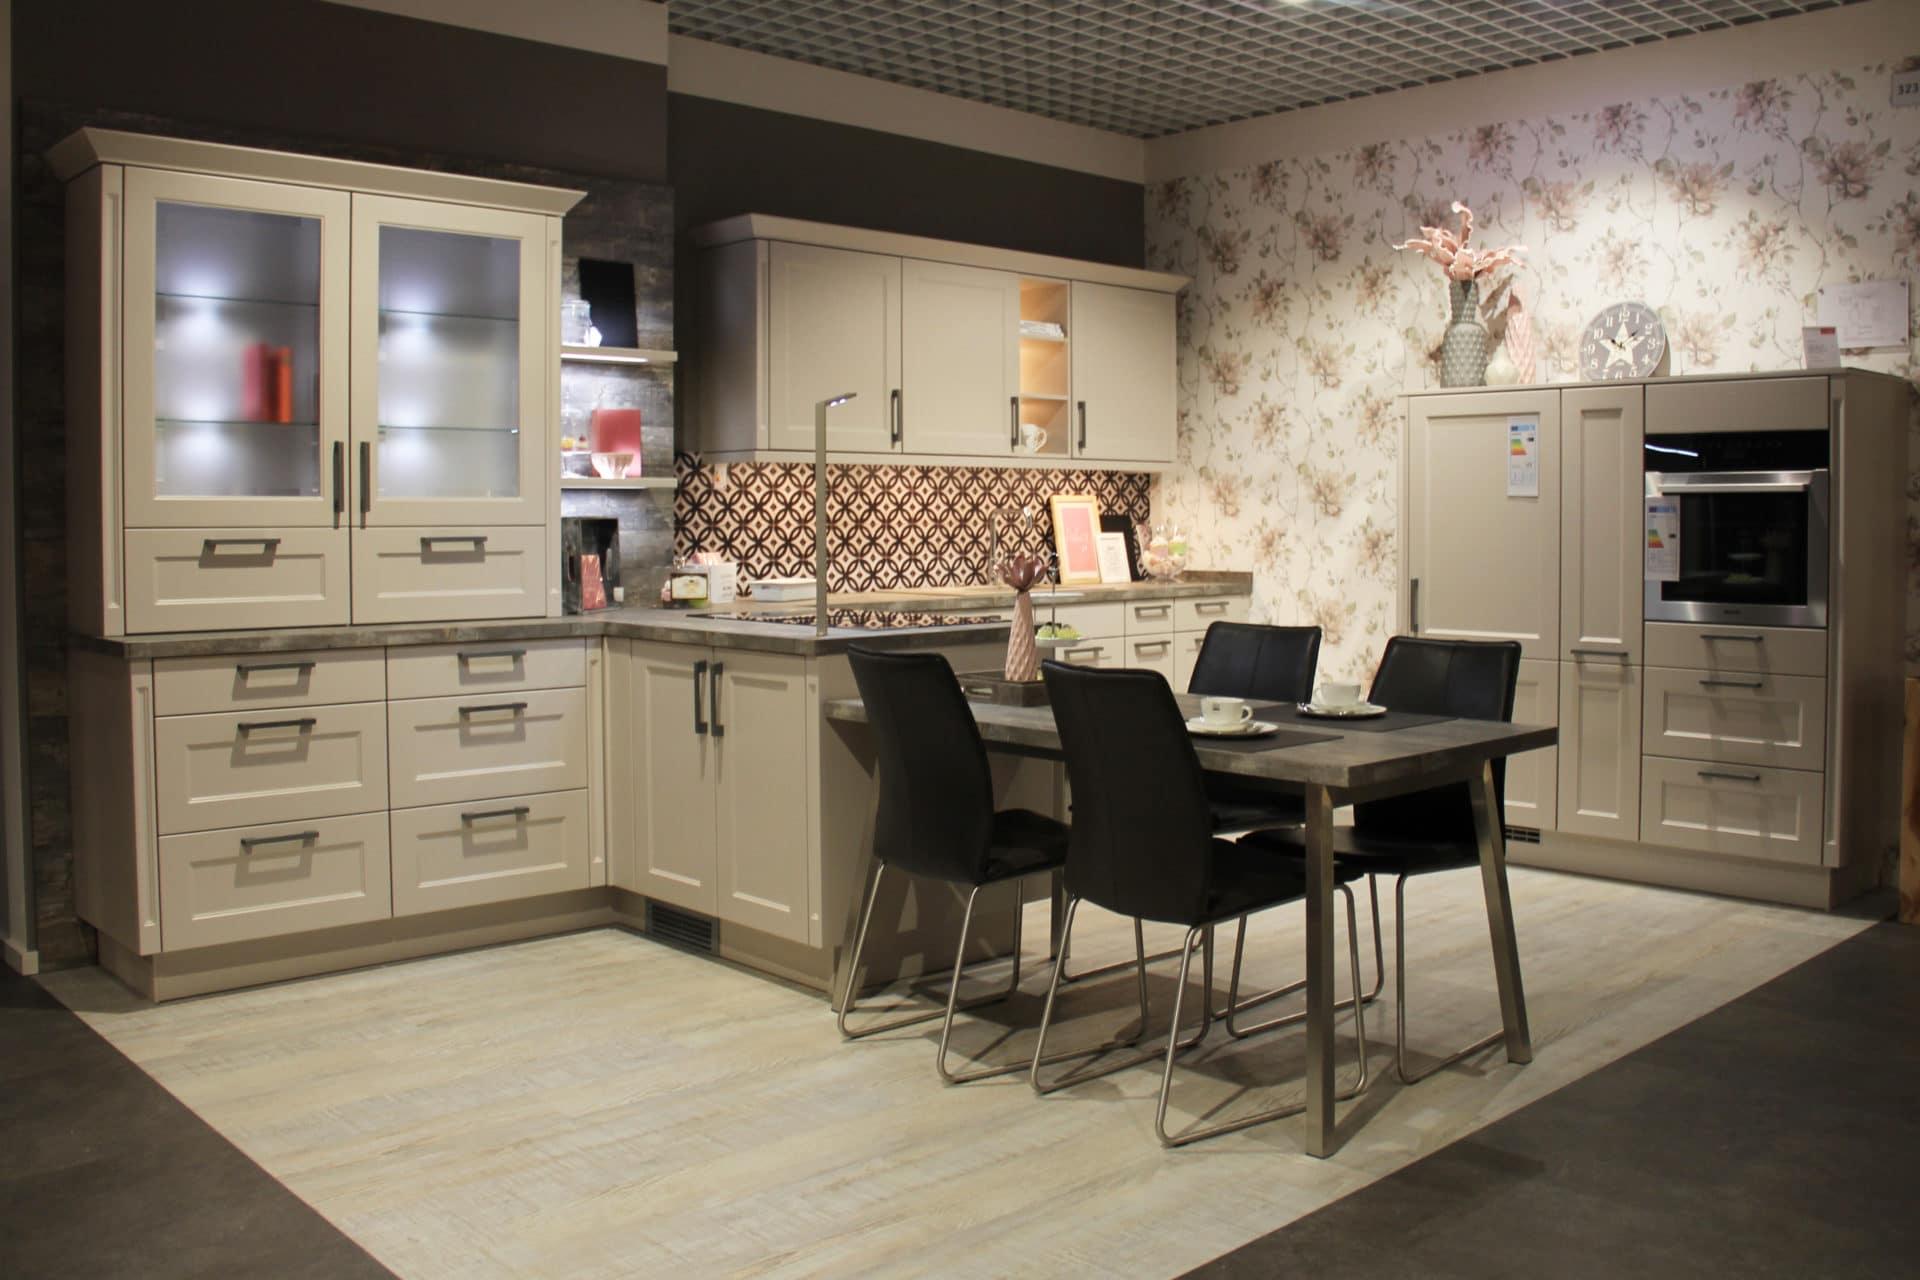 Full Size of Arbeitsplatte Küche Nolte Küche Nolte Integra Unterschrank Küche Nolte Schubladen Organizer Küche Nolte Küche Küche Nolte